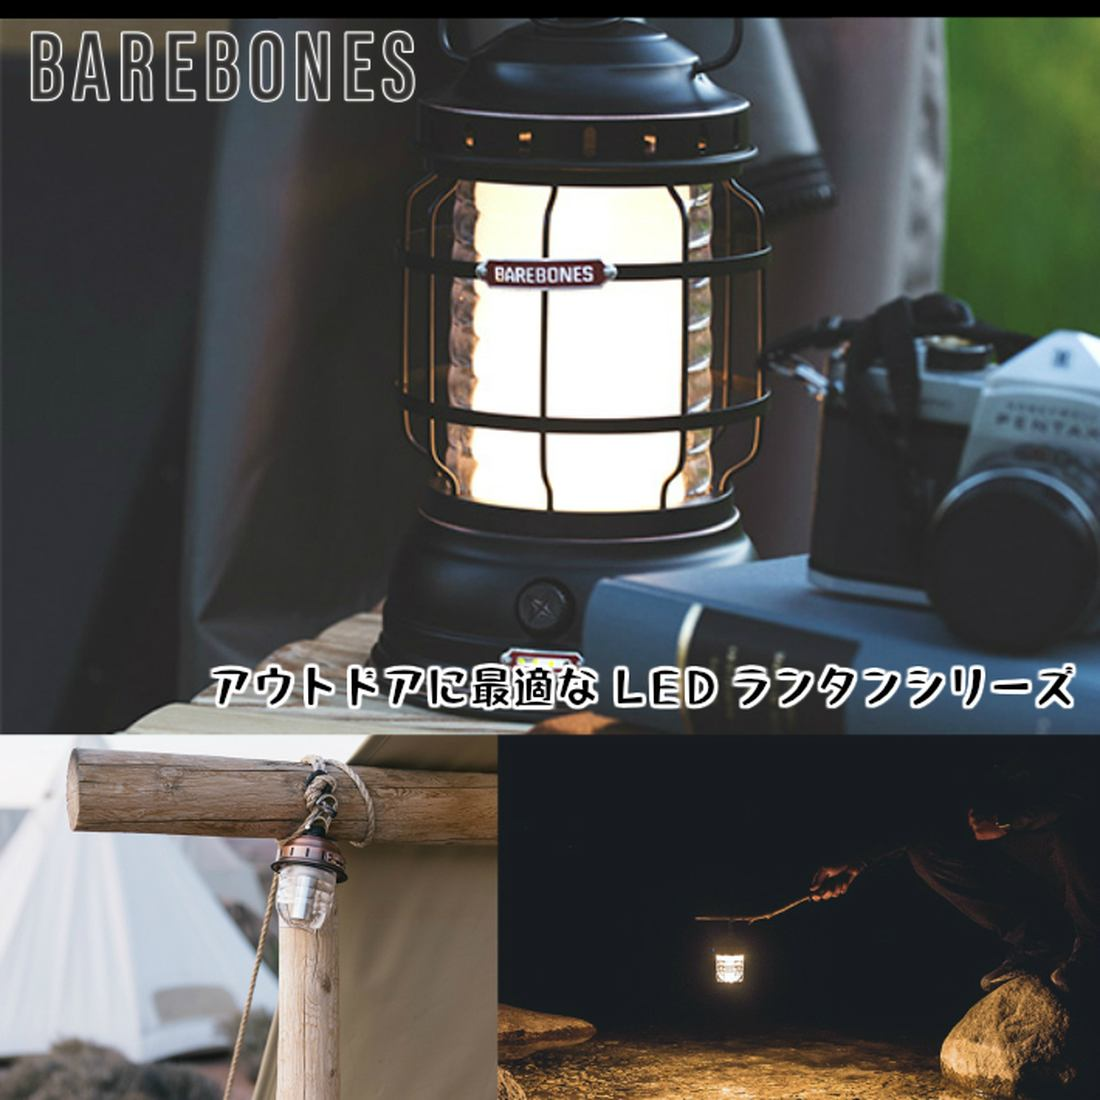 ベアボーンズ リビング フォレストランタン LED ライト  国内正規品